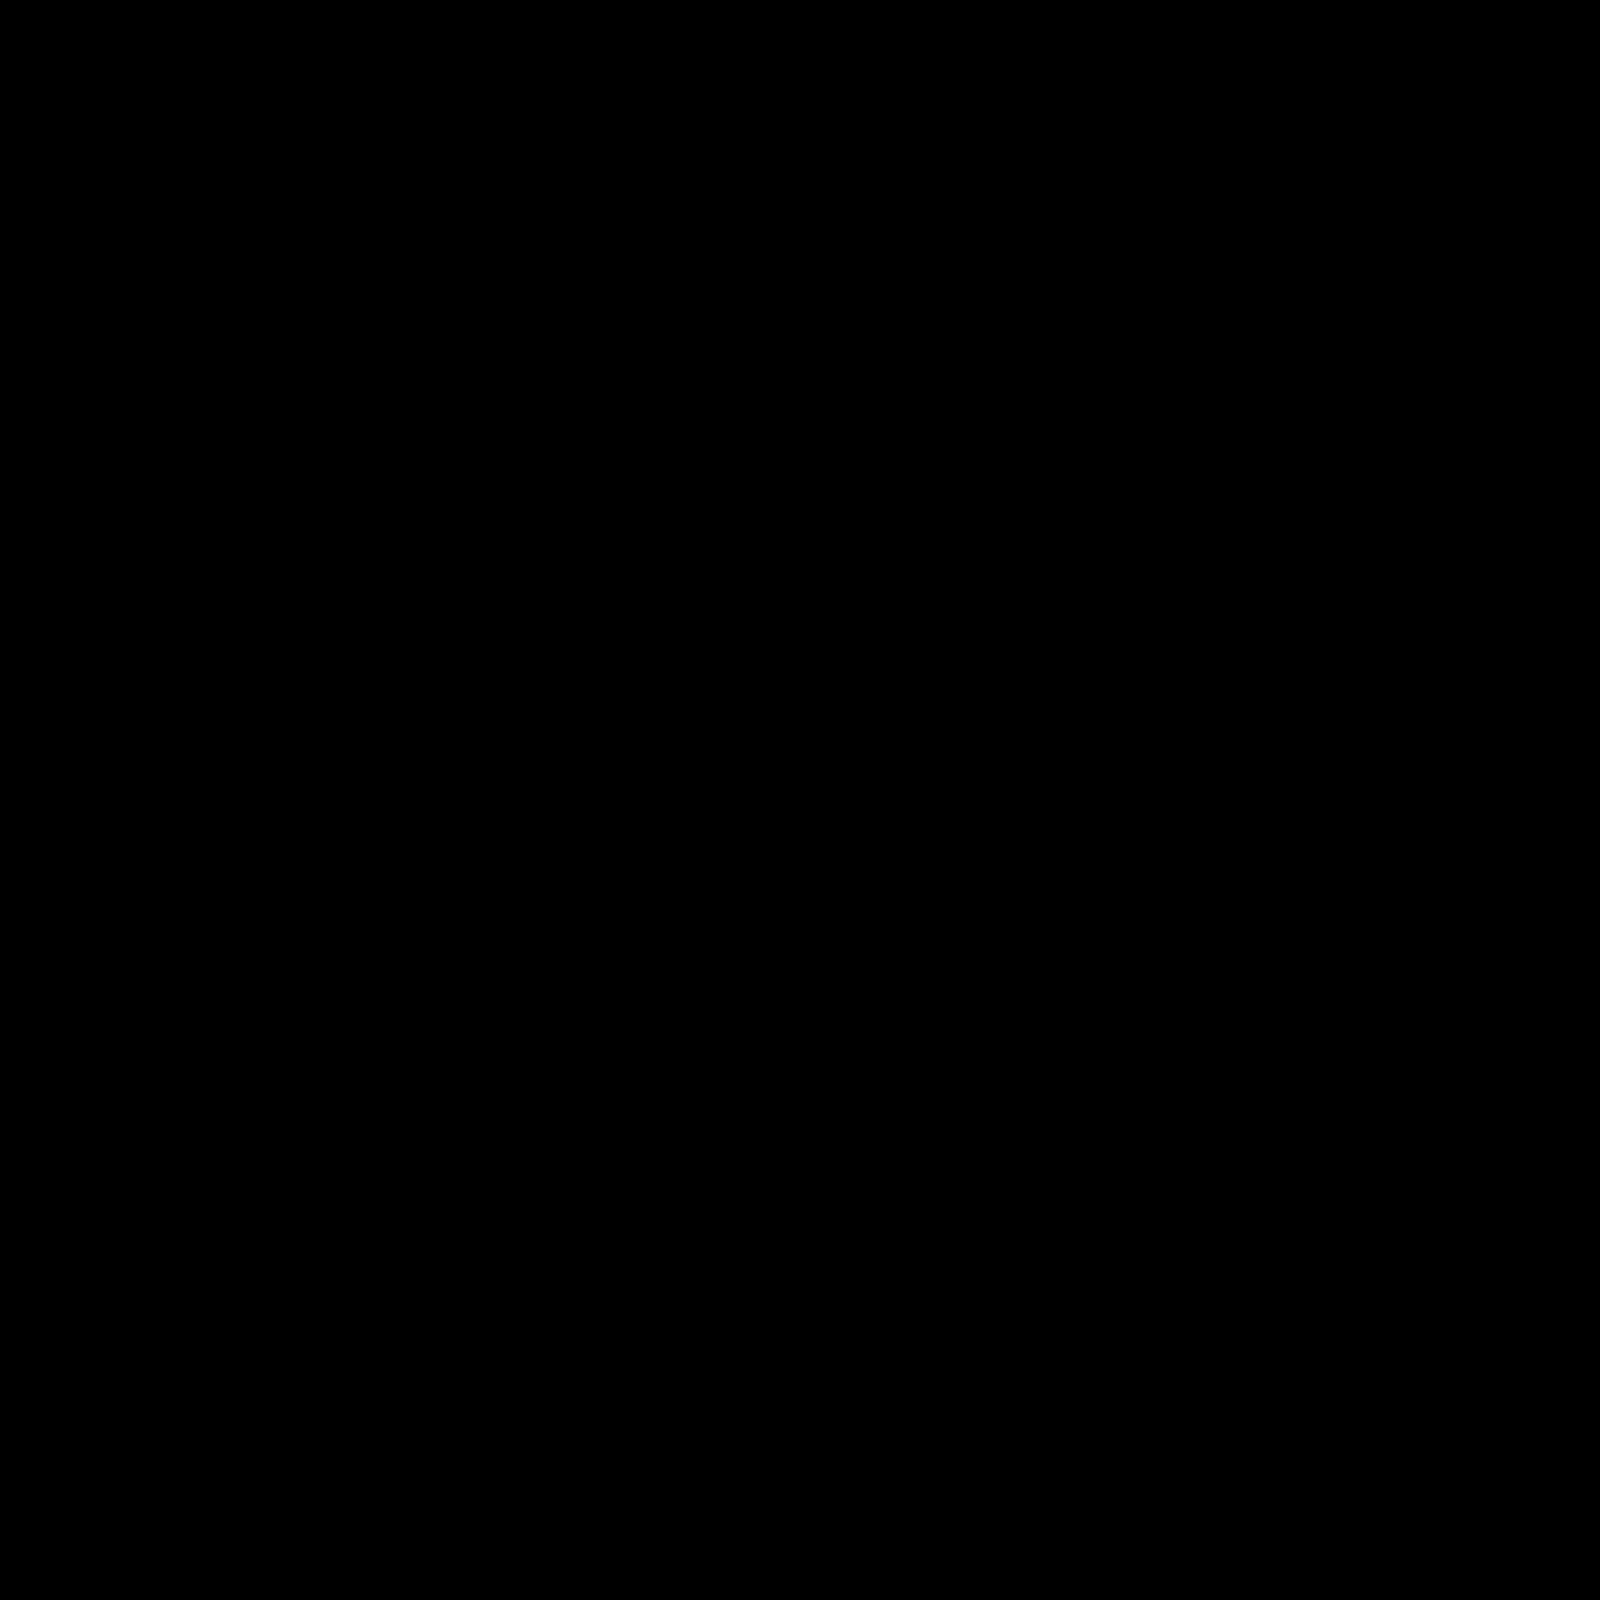 Dokumenty icon